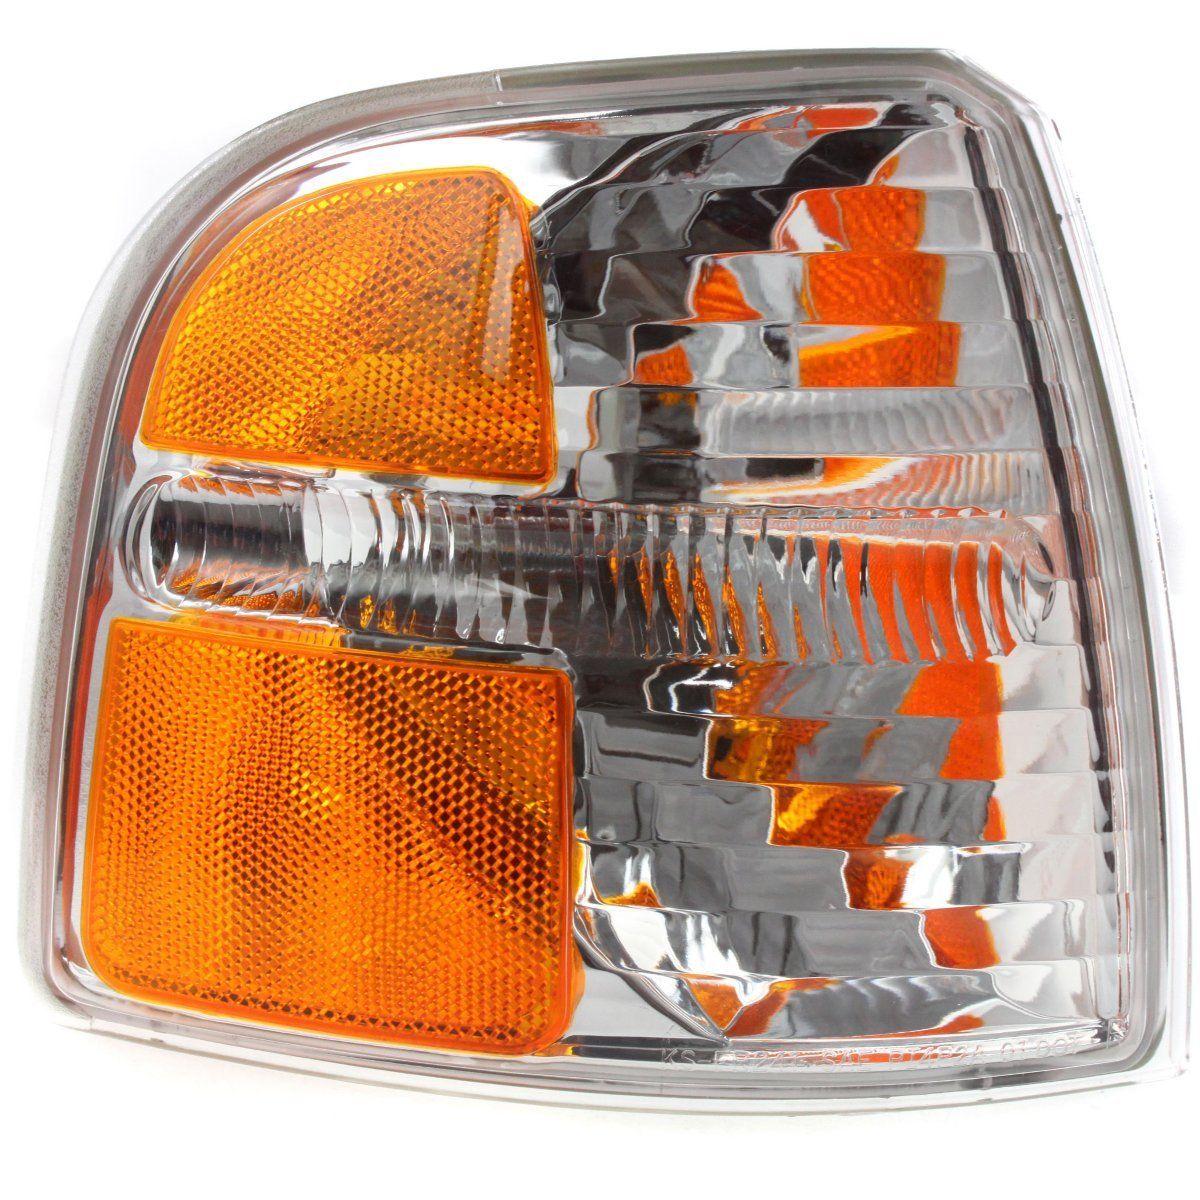 コーナーライト Corner Light For 2004-2005 Ford Explorer Passenger Side Incandescent コーナーライト2004-2005フォードエクスプローラー乗客側白熱電球